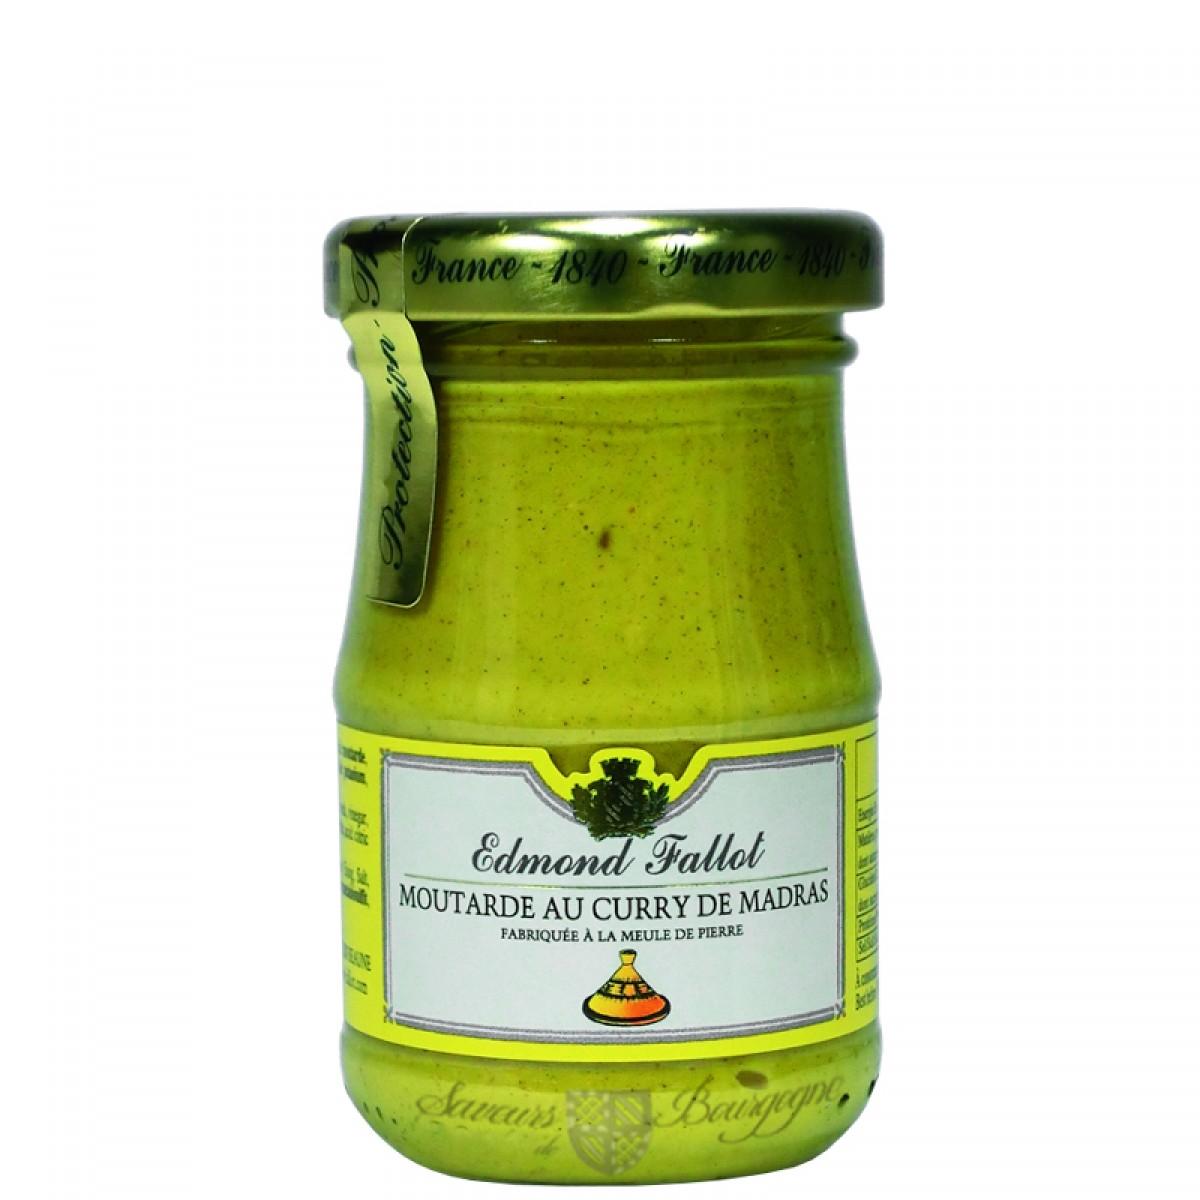 Moutarde au curry de madras 100g fallot saveurs de bourgogne vente de pro - Moutarde fallot vente ...